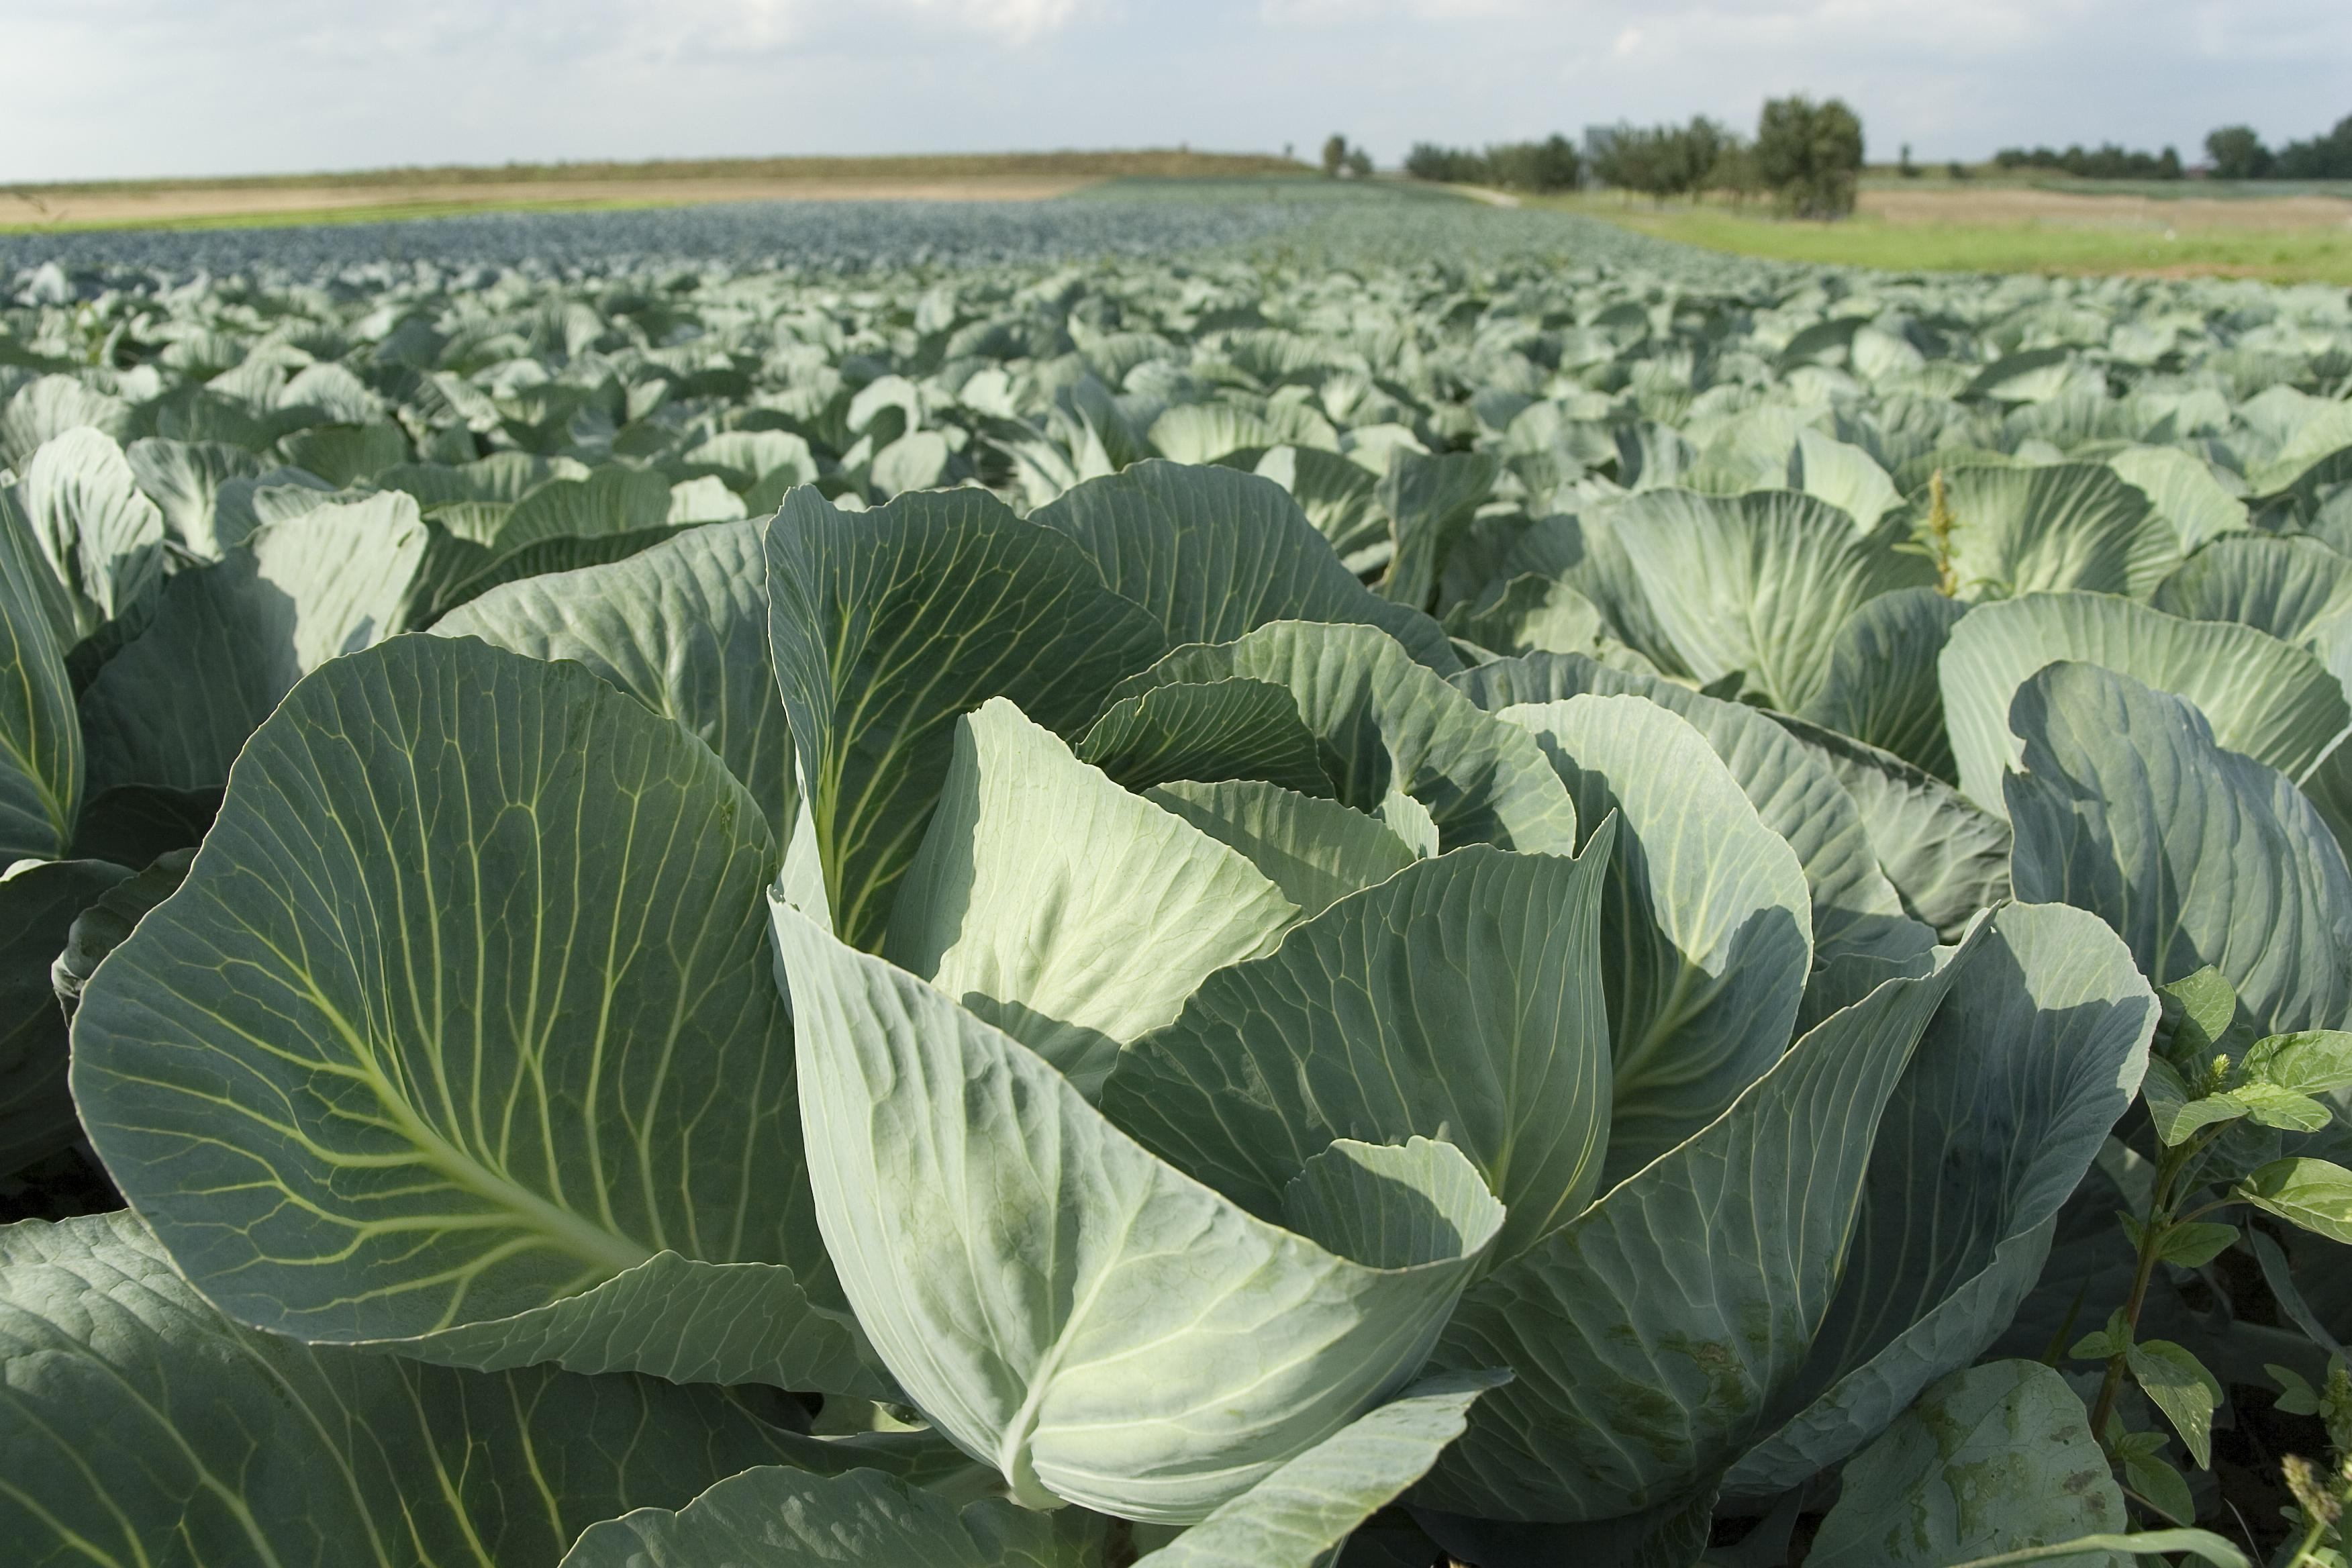 Tồn dư thuốc bảo vệ thực vật